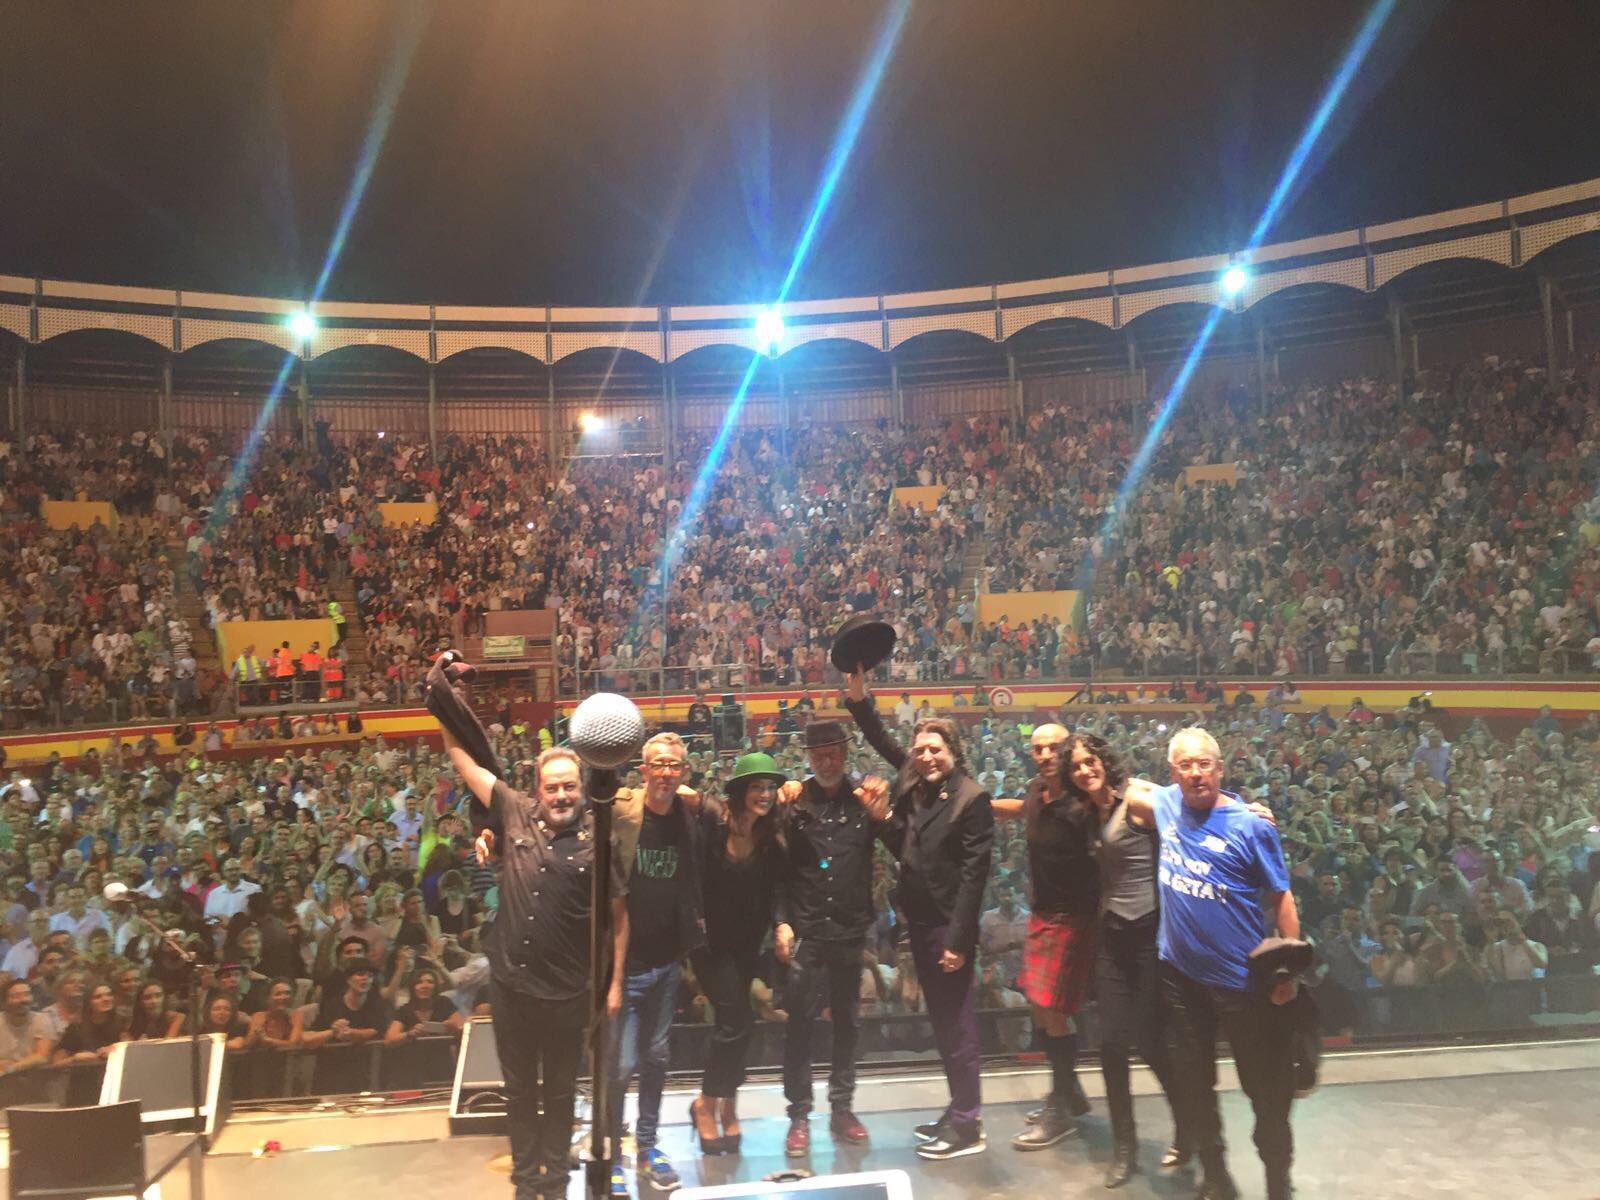 Pedazo de noche , Palencia !!!muchas gracias ! https://t.co/kGDI0TAR3I